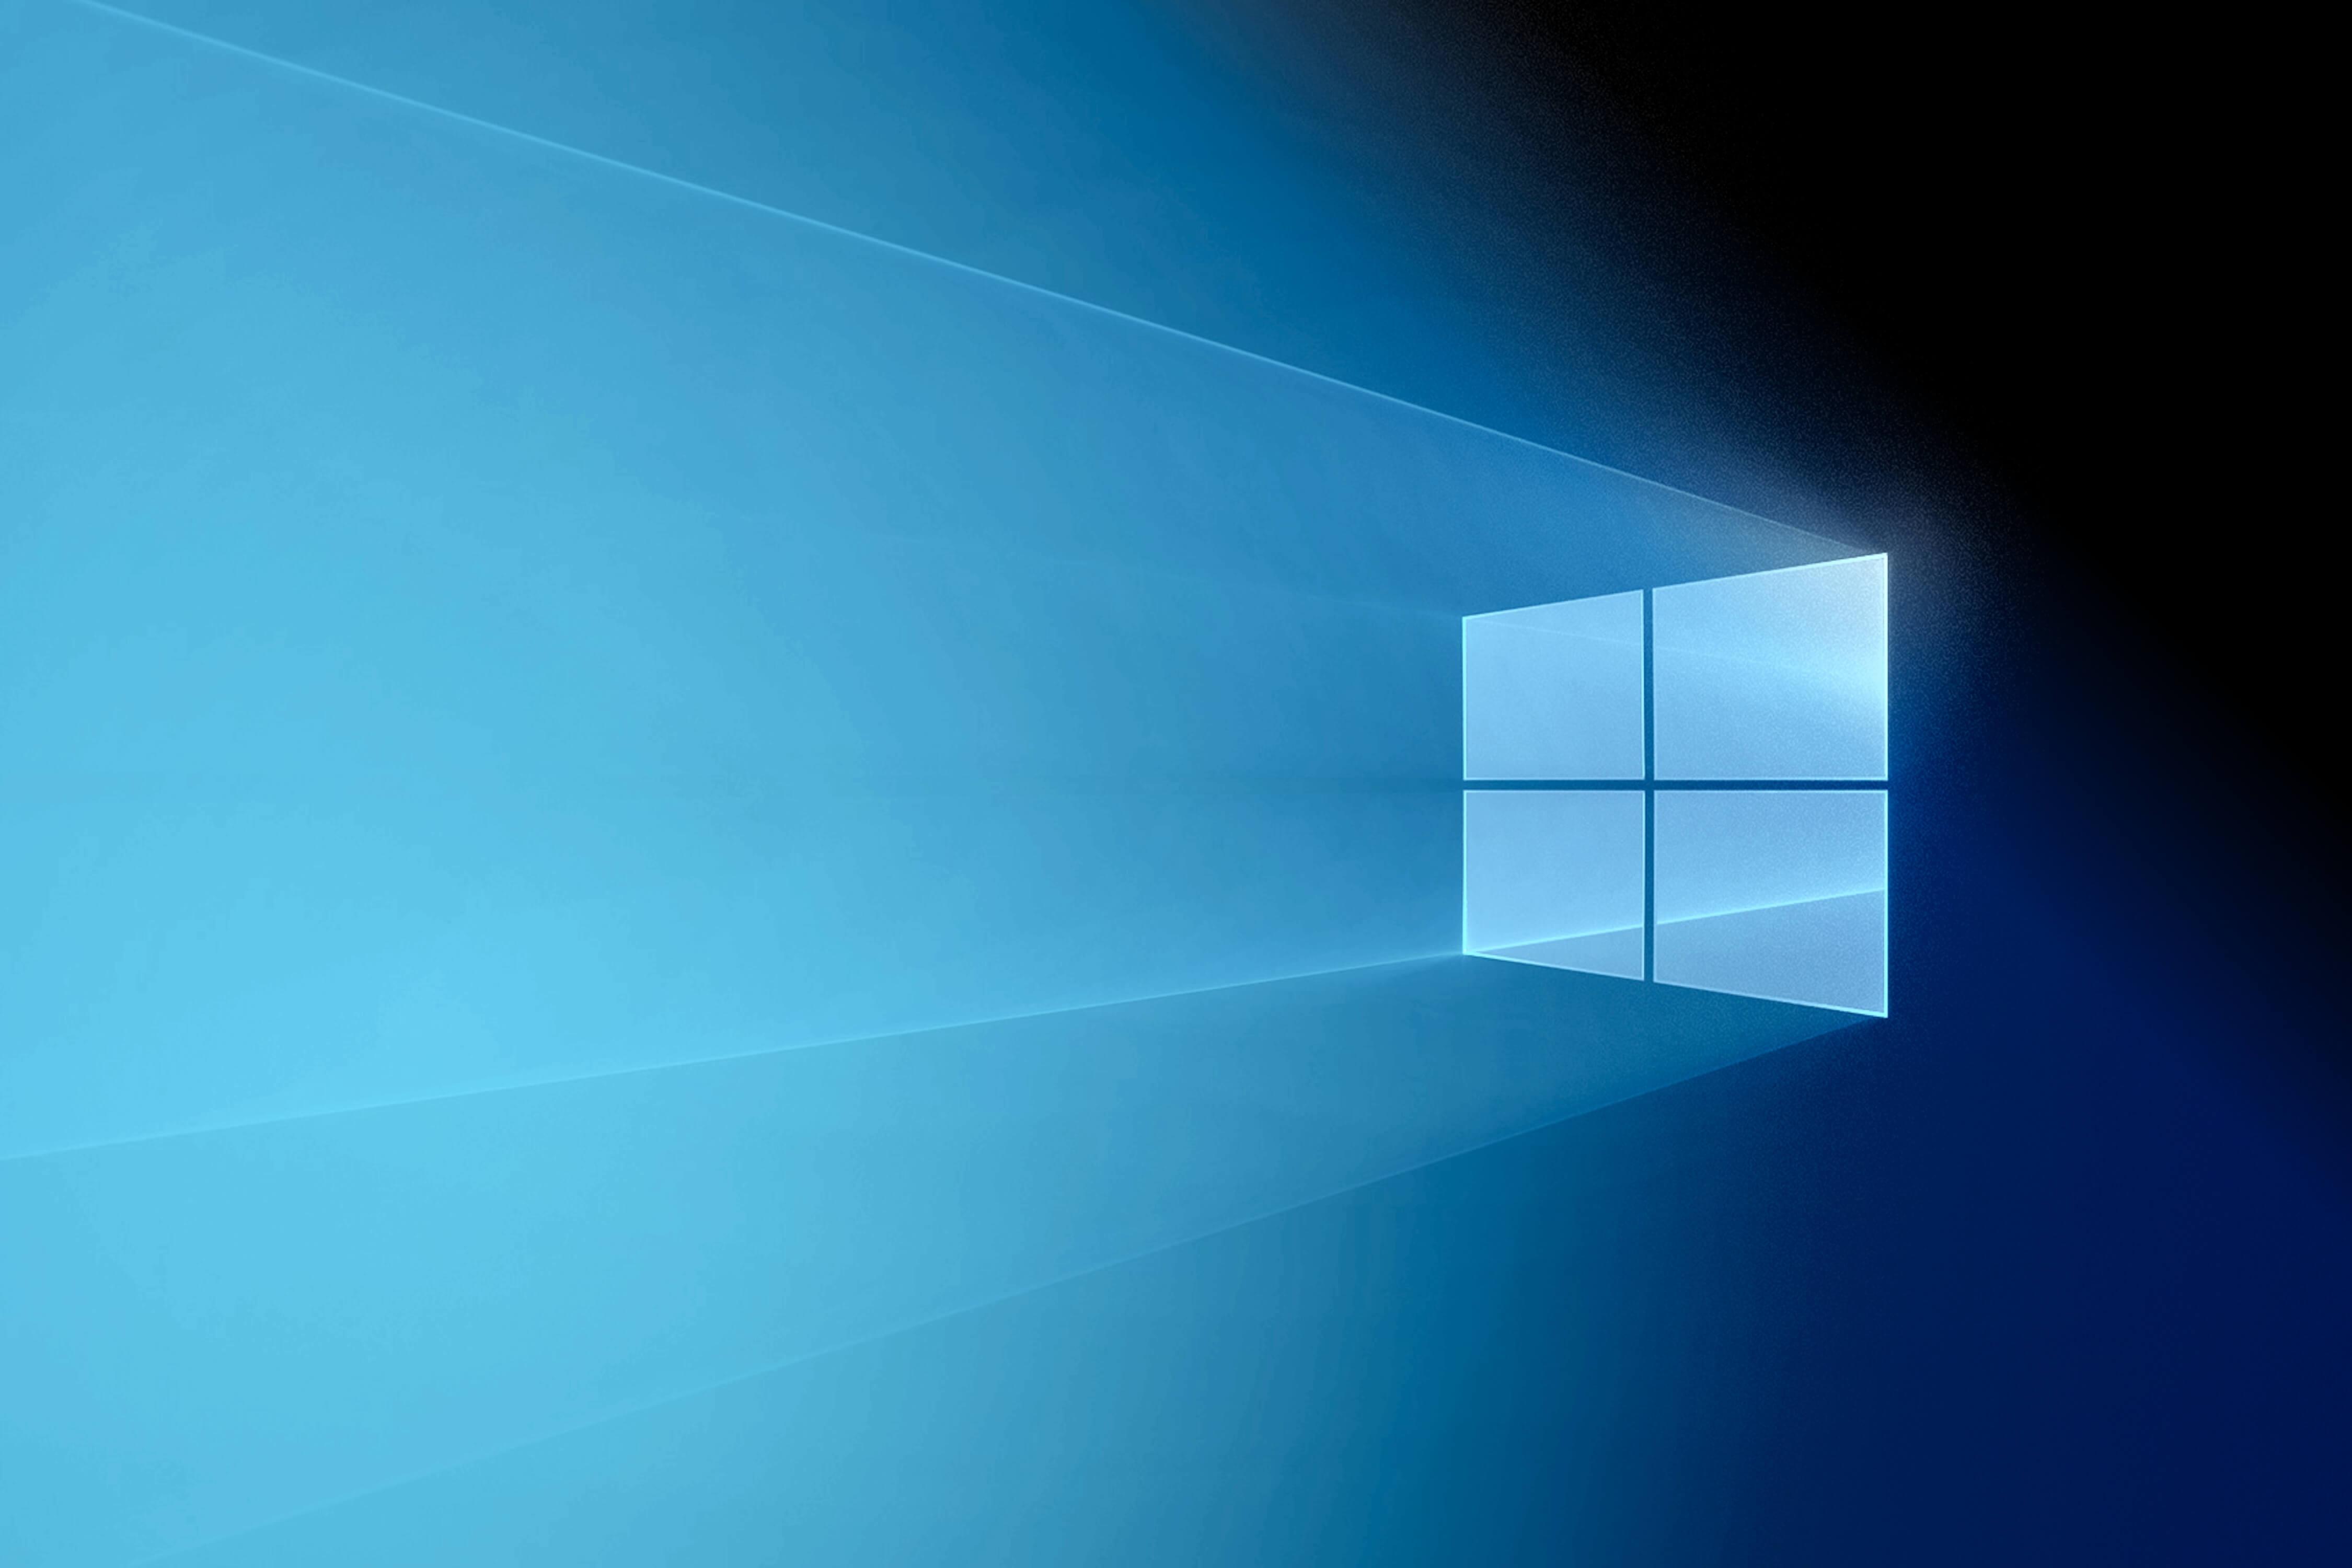 Windows Dark background picture